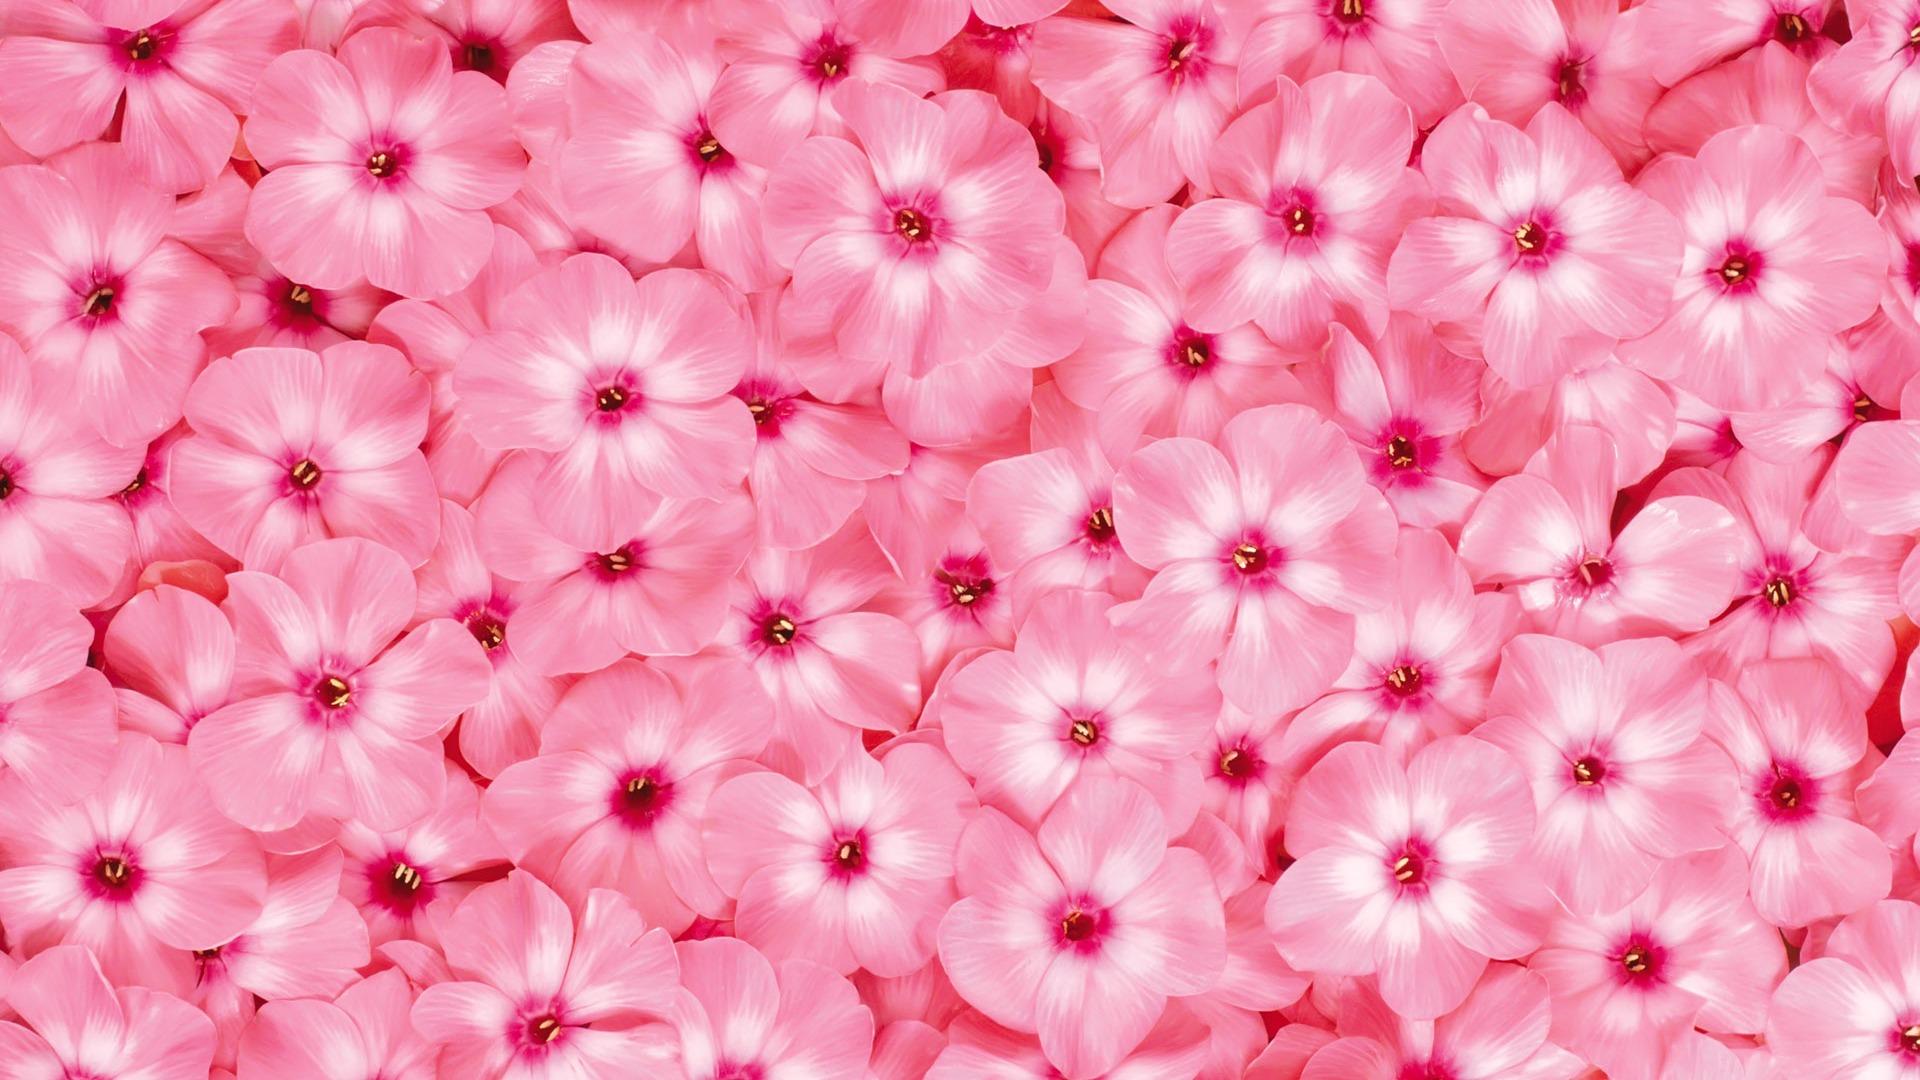 blumen in flowerpix image - photo #29